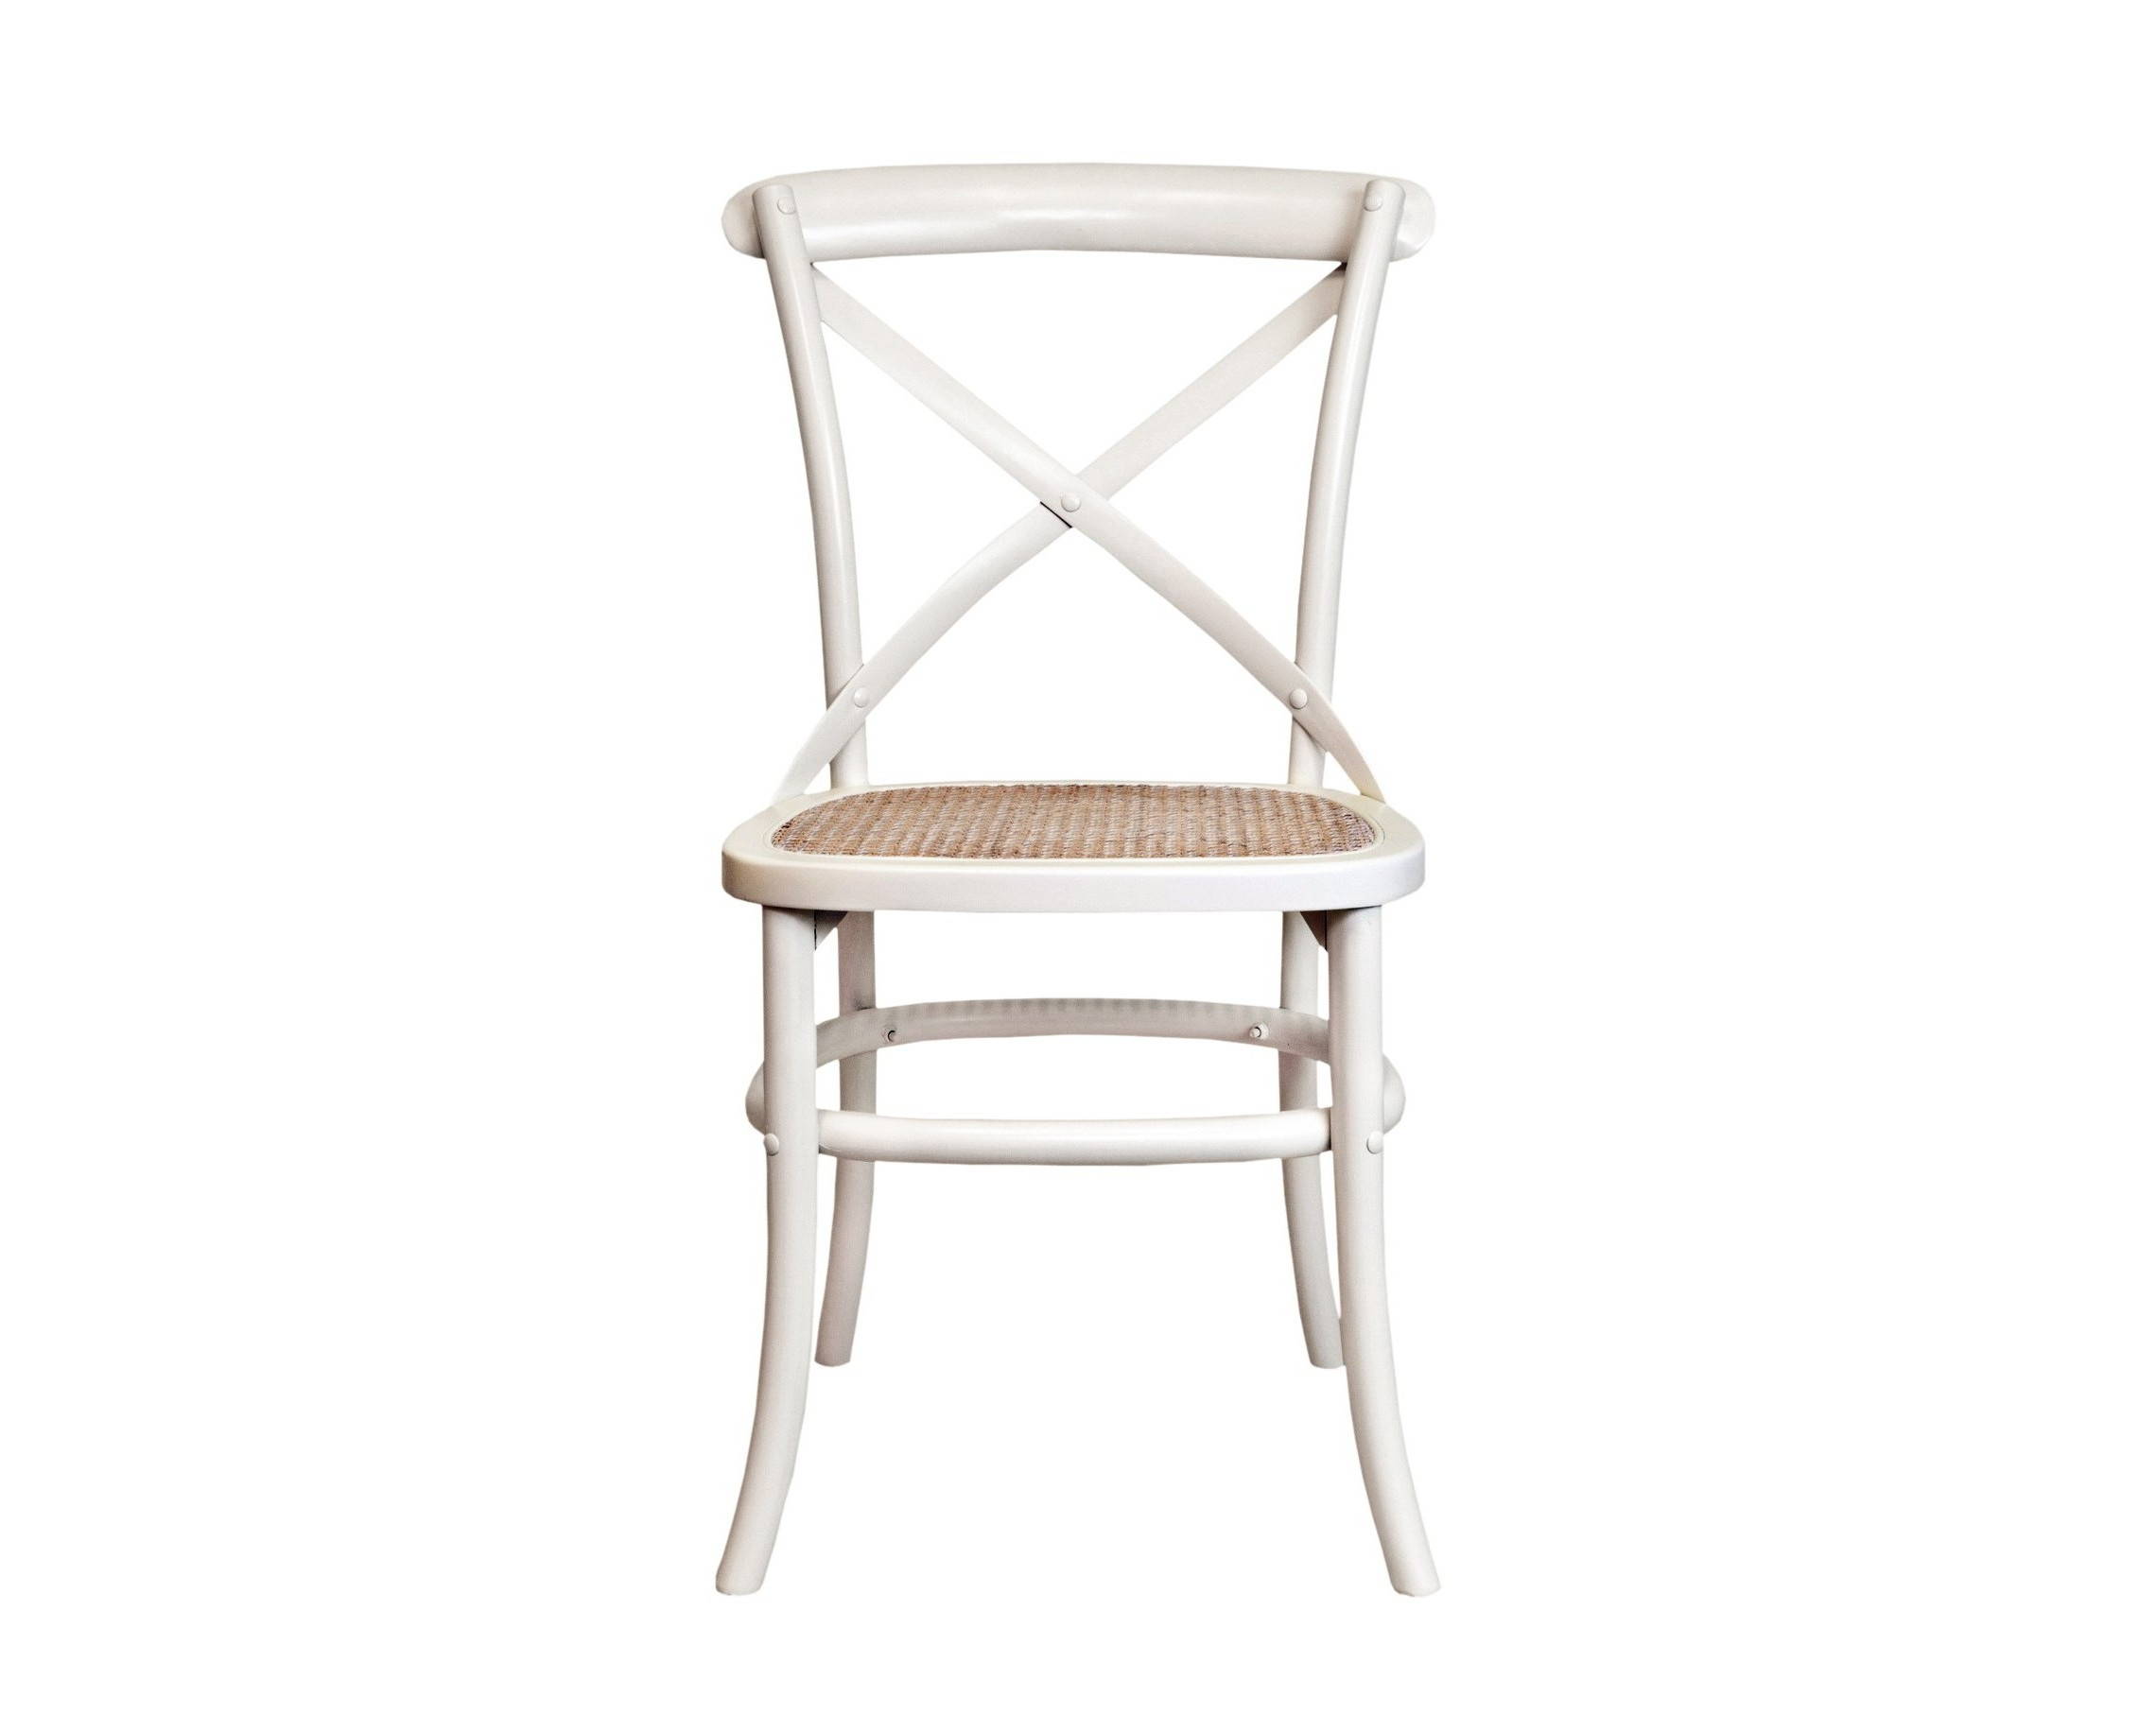 Стул Cross back whiteОбеденные стулья<br>Одна из самых популярных моделей стульев в духе кафе Европы. Удобная крестообрзная спинка, в сочетании с сидением из ротанга придает стулу невероятный комфорт. Стул отлично подходит как для домашнего интерьера, так и для кафе.&amp;amp;nbsp;<br><br>Material: Береза<br>Ширина см: 50<br>Высота см: 89<br>Глубина см: 54